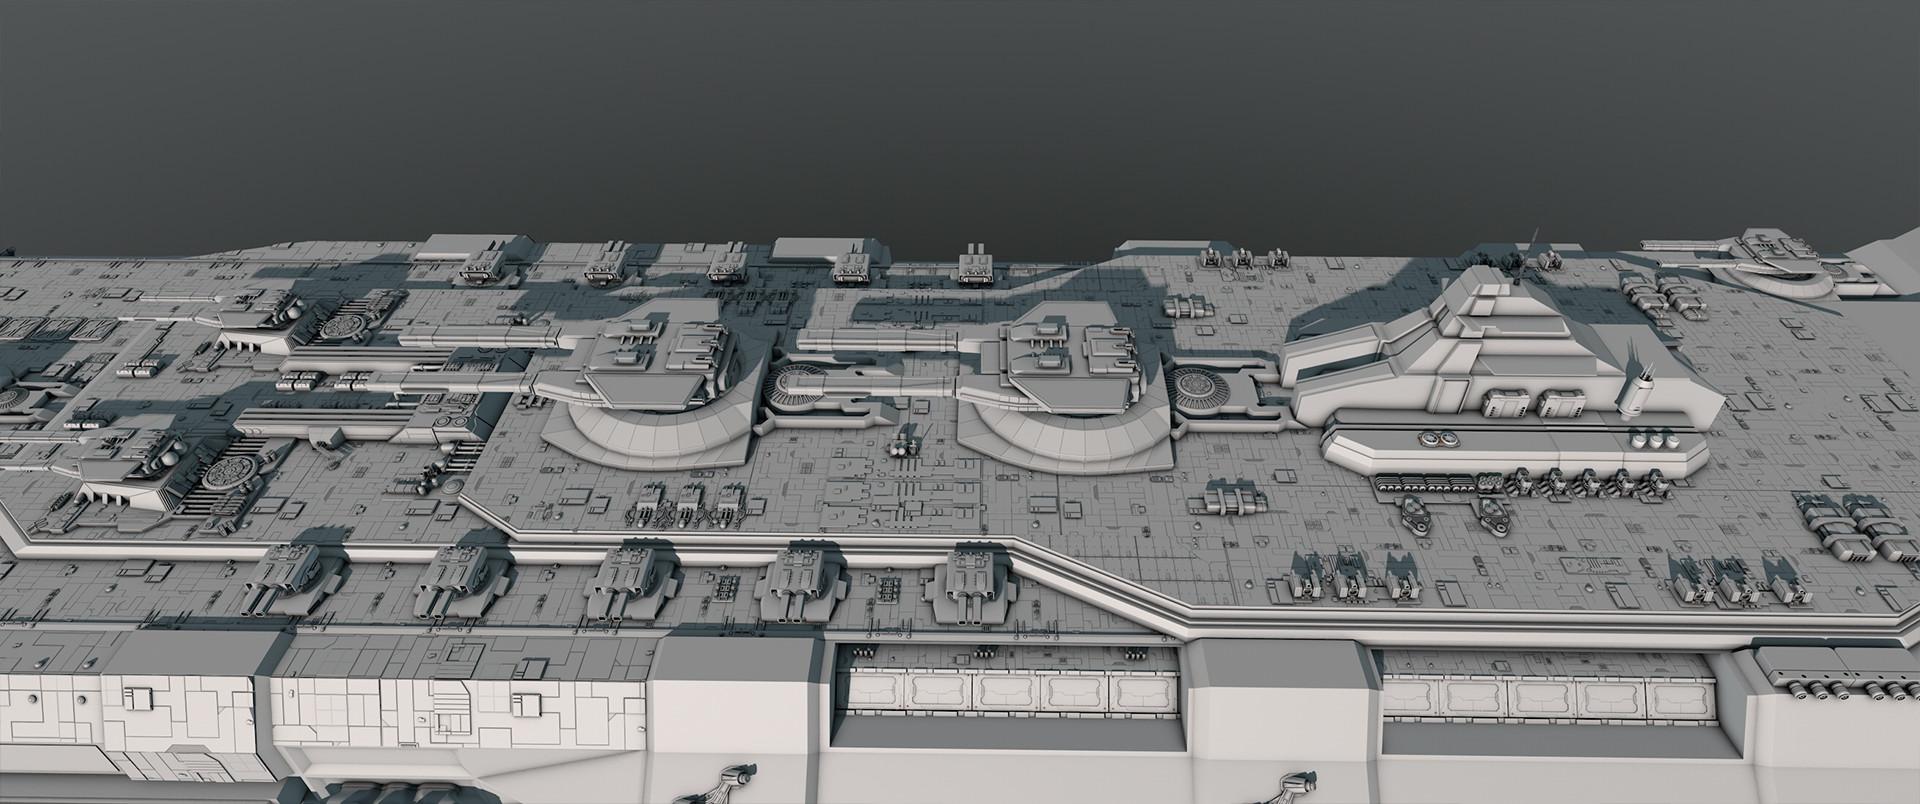 Glenn clovis concept battleship saratoga 29